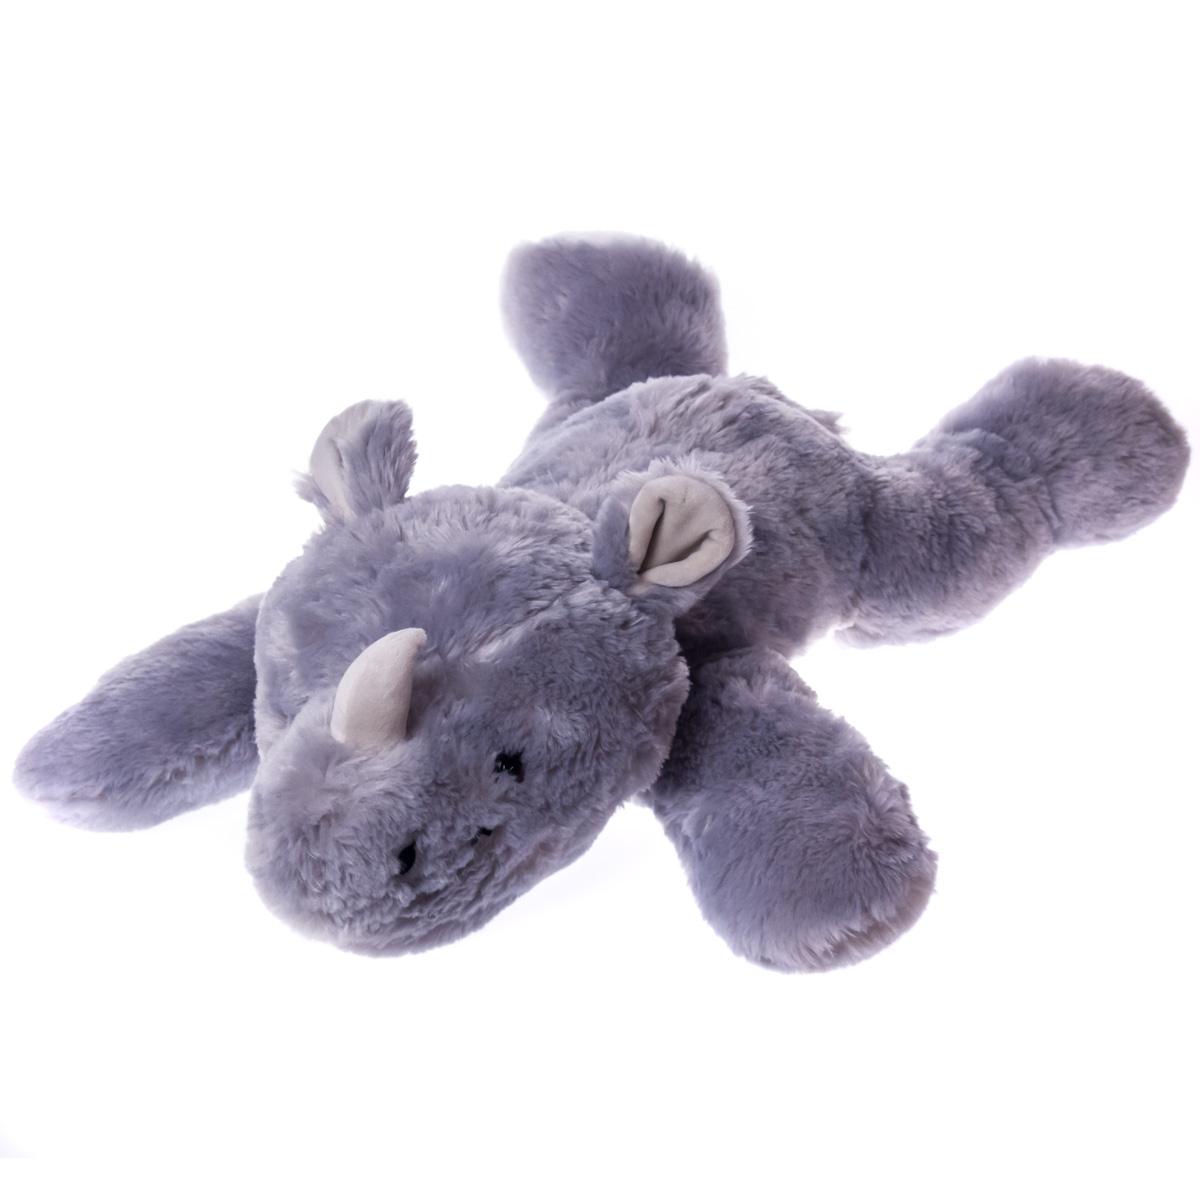 Jumbo Plush Rhino